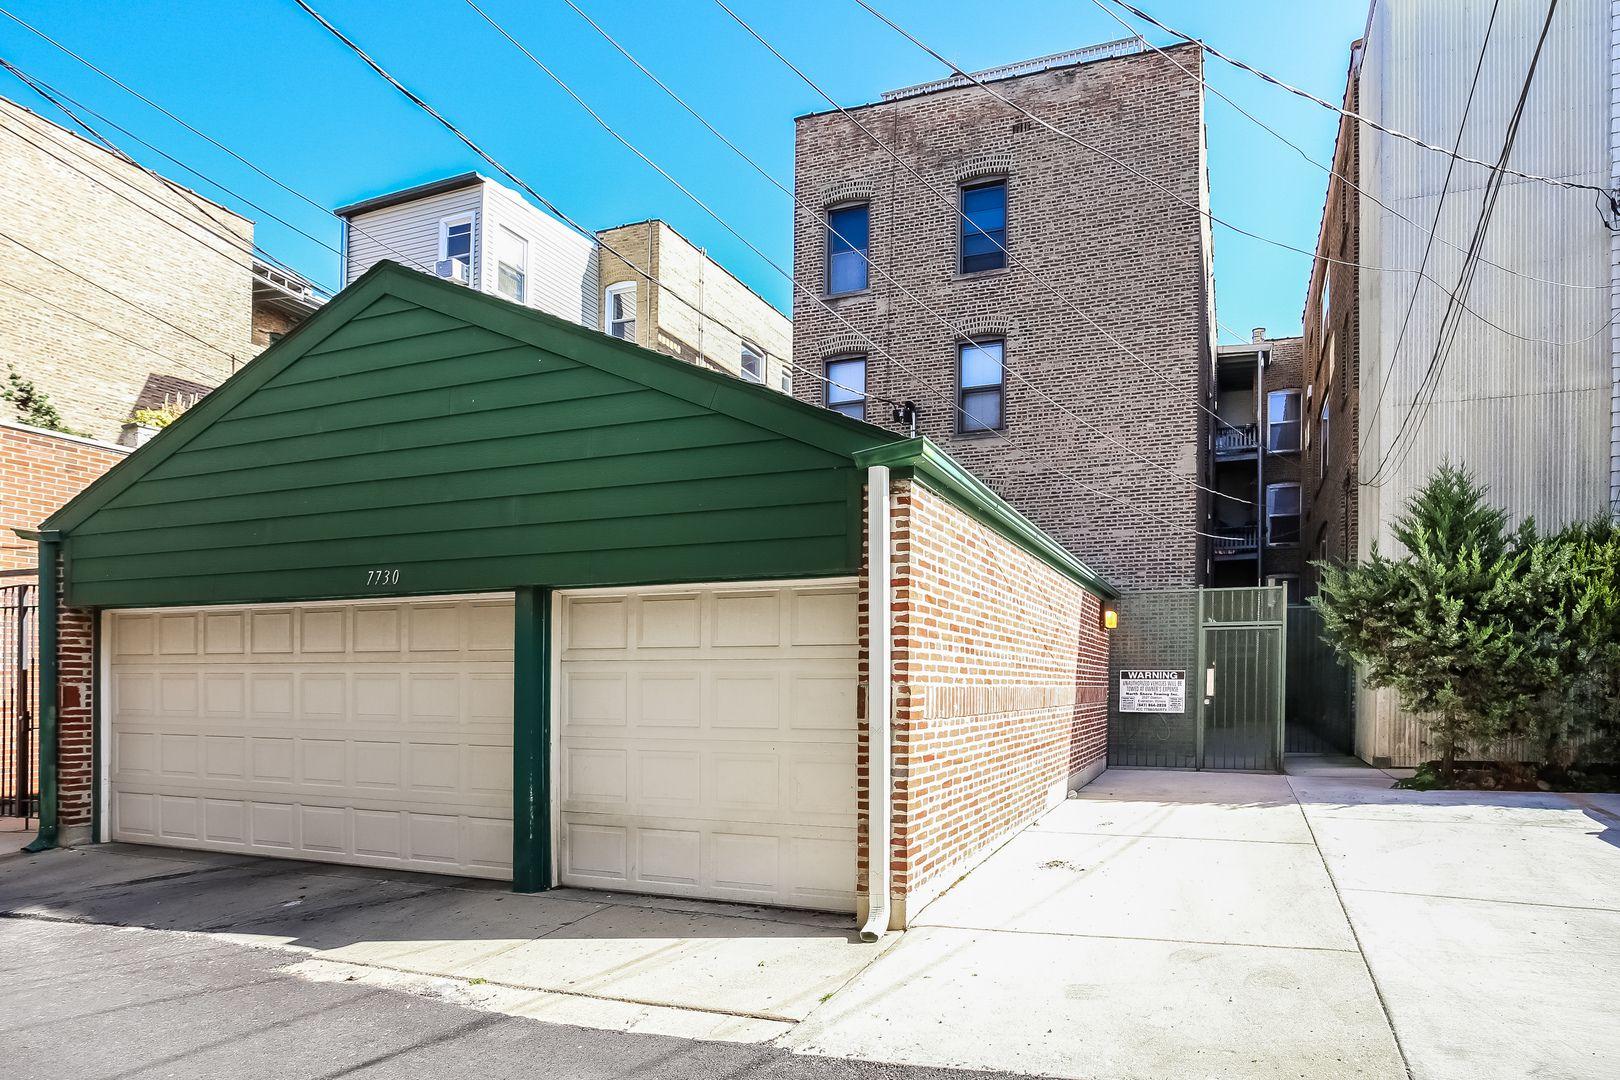 7730 N Eastlake N Terrace 1